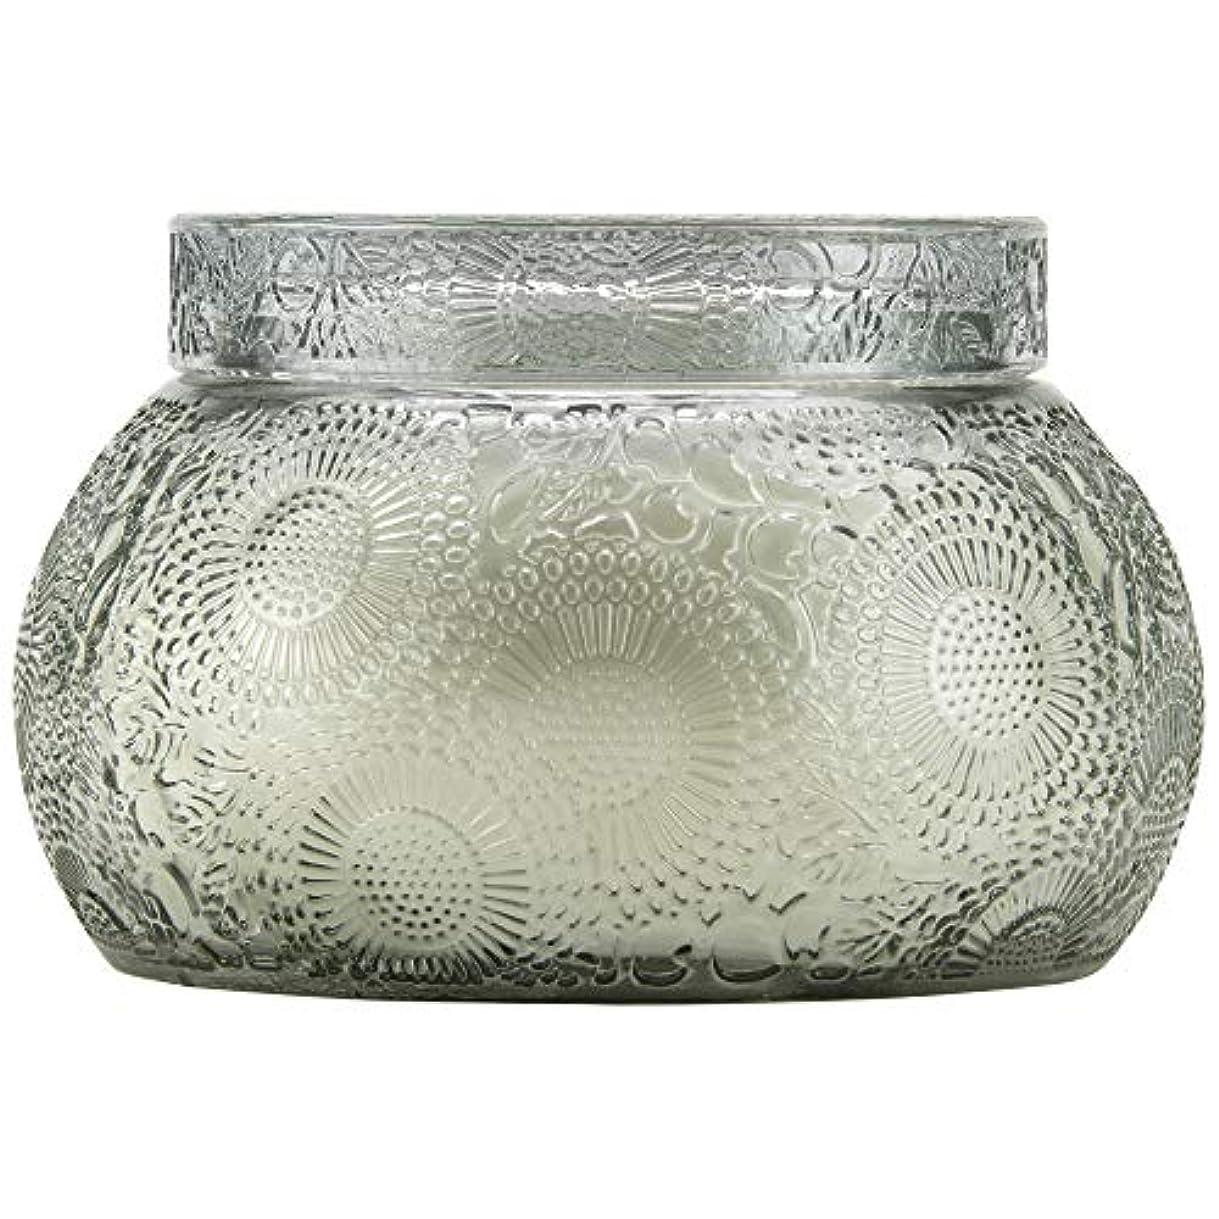 者マーク助言VOLUSPA チャワングラスキャンドル French Cade Lavender フレンチケード&ラベンダー GLASS CANDLE ボルスパ